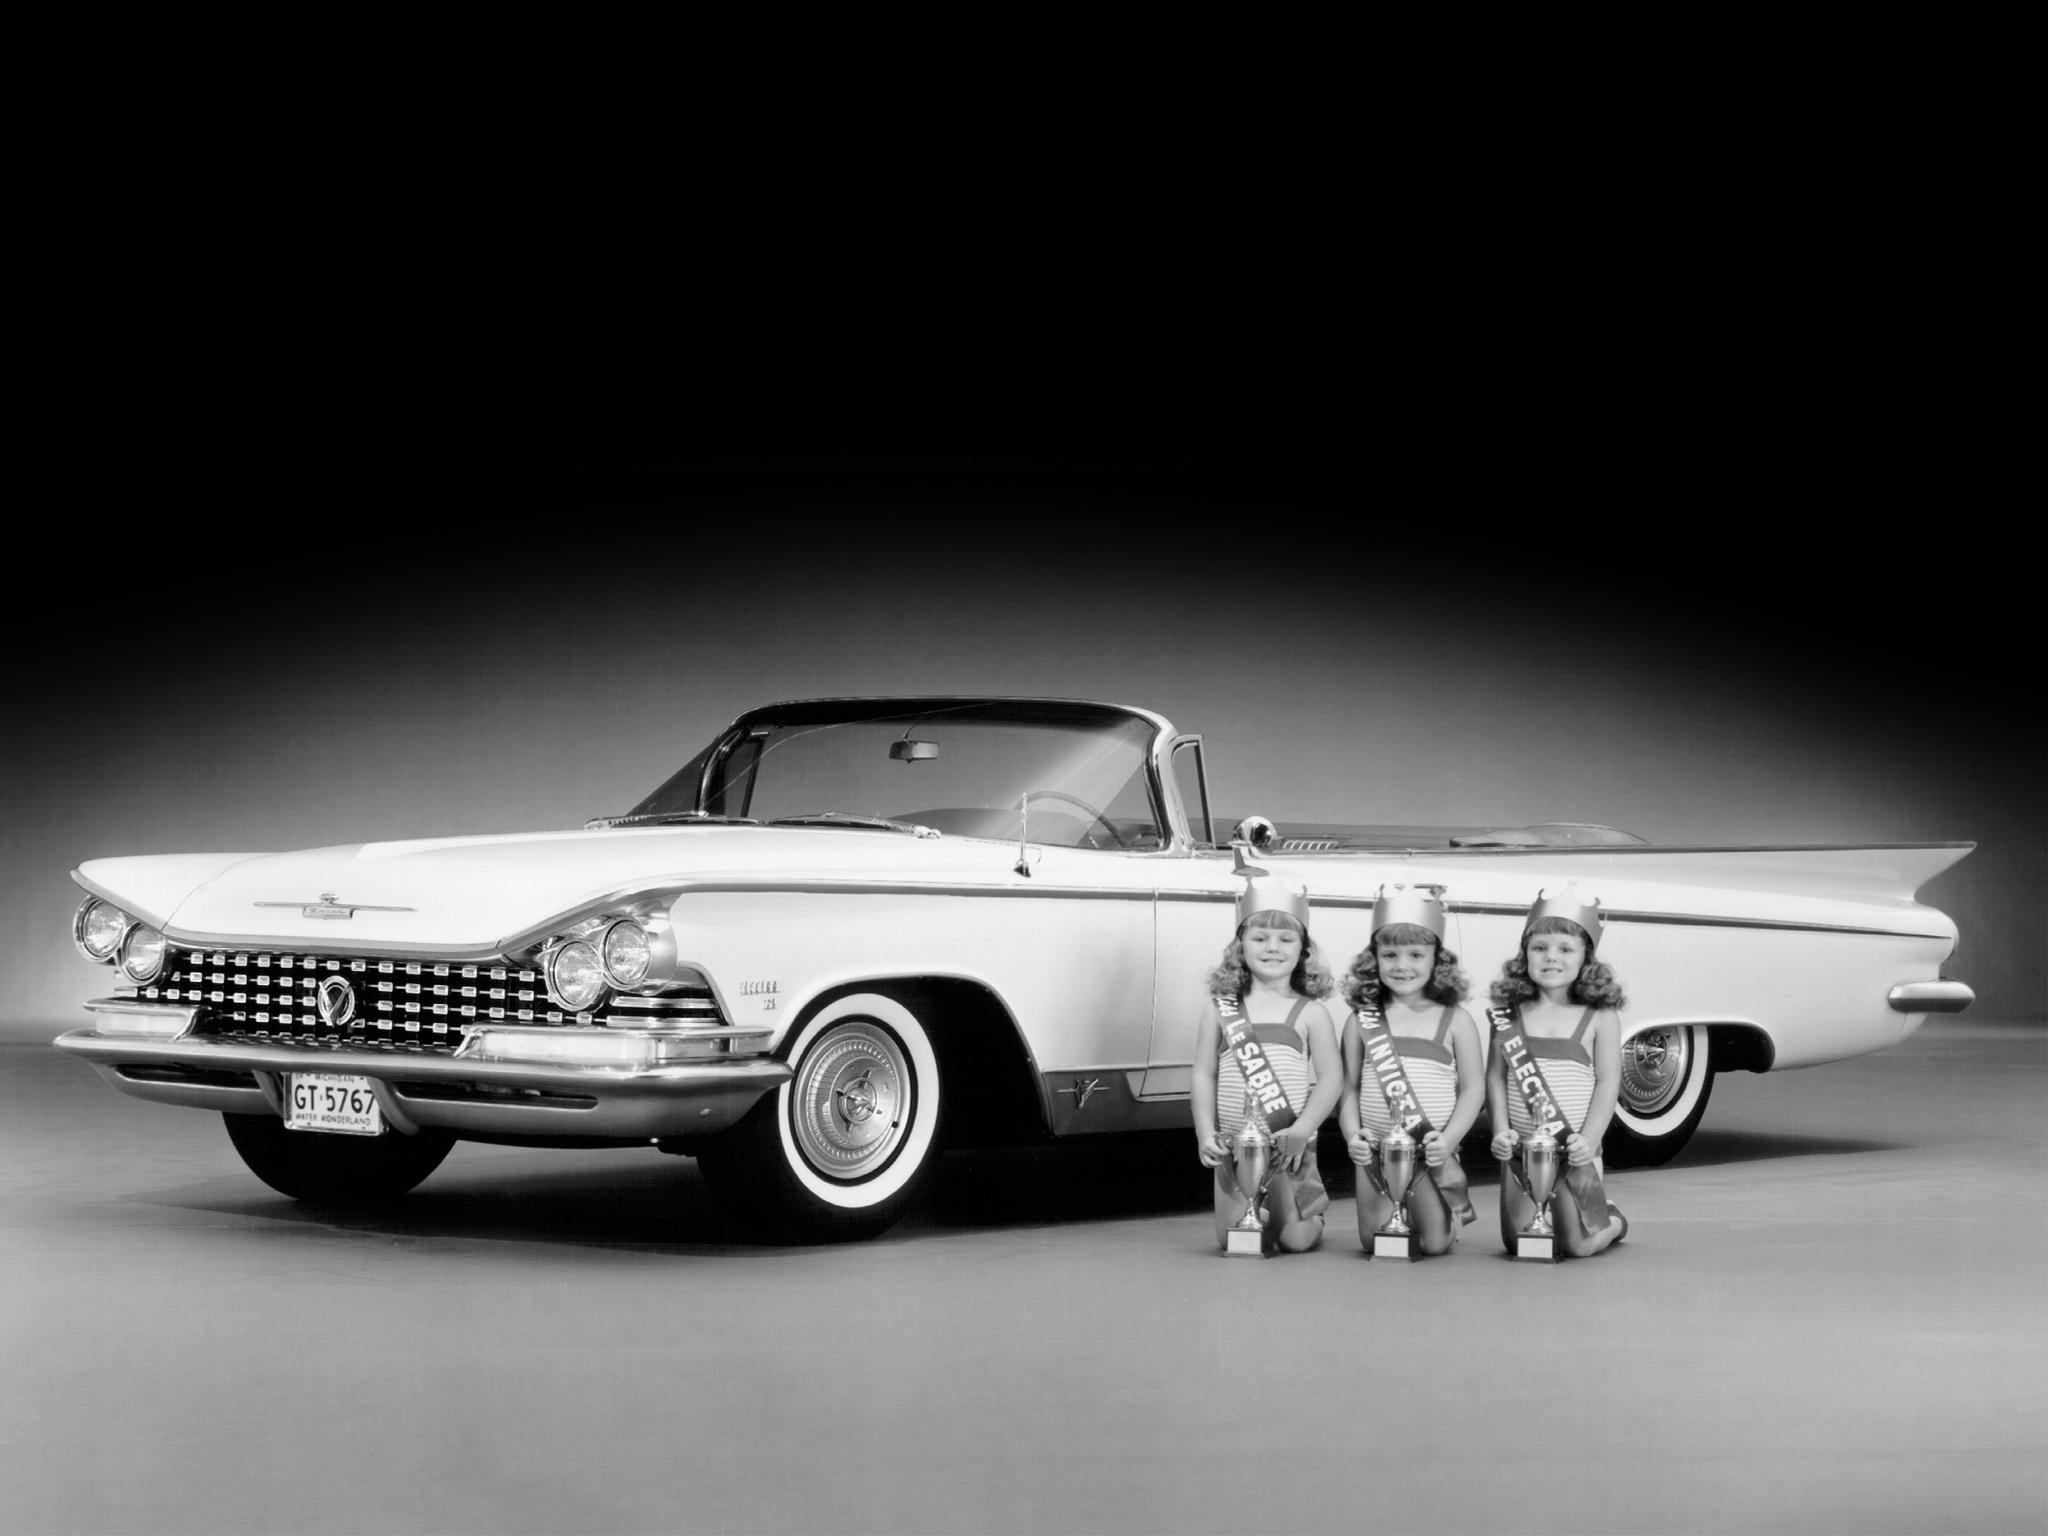 1959 Buick Electra Convertible Autos Post